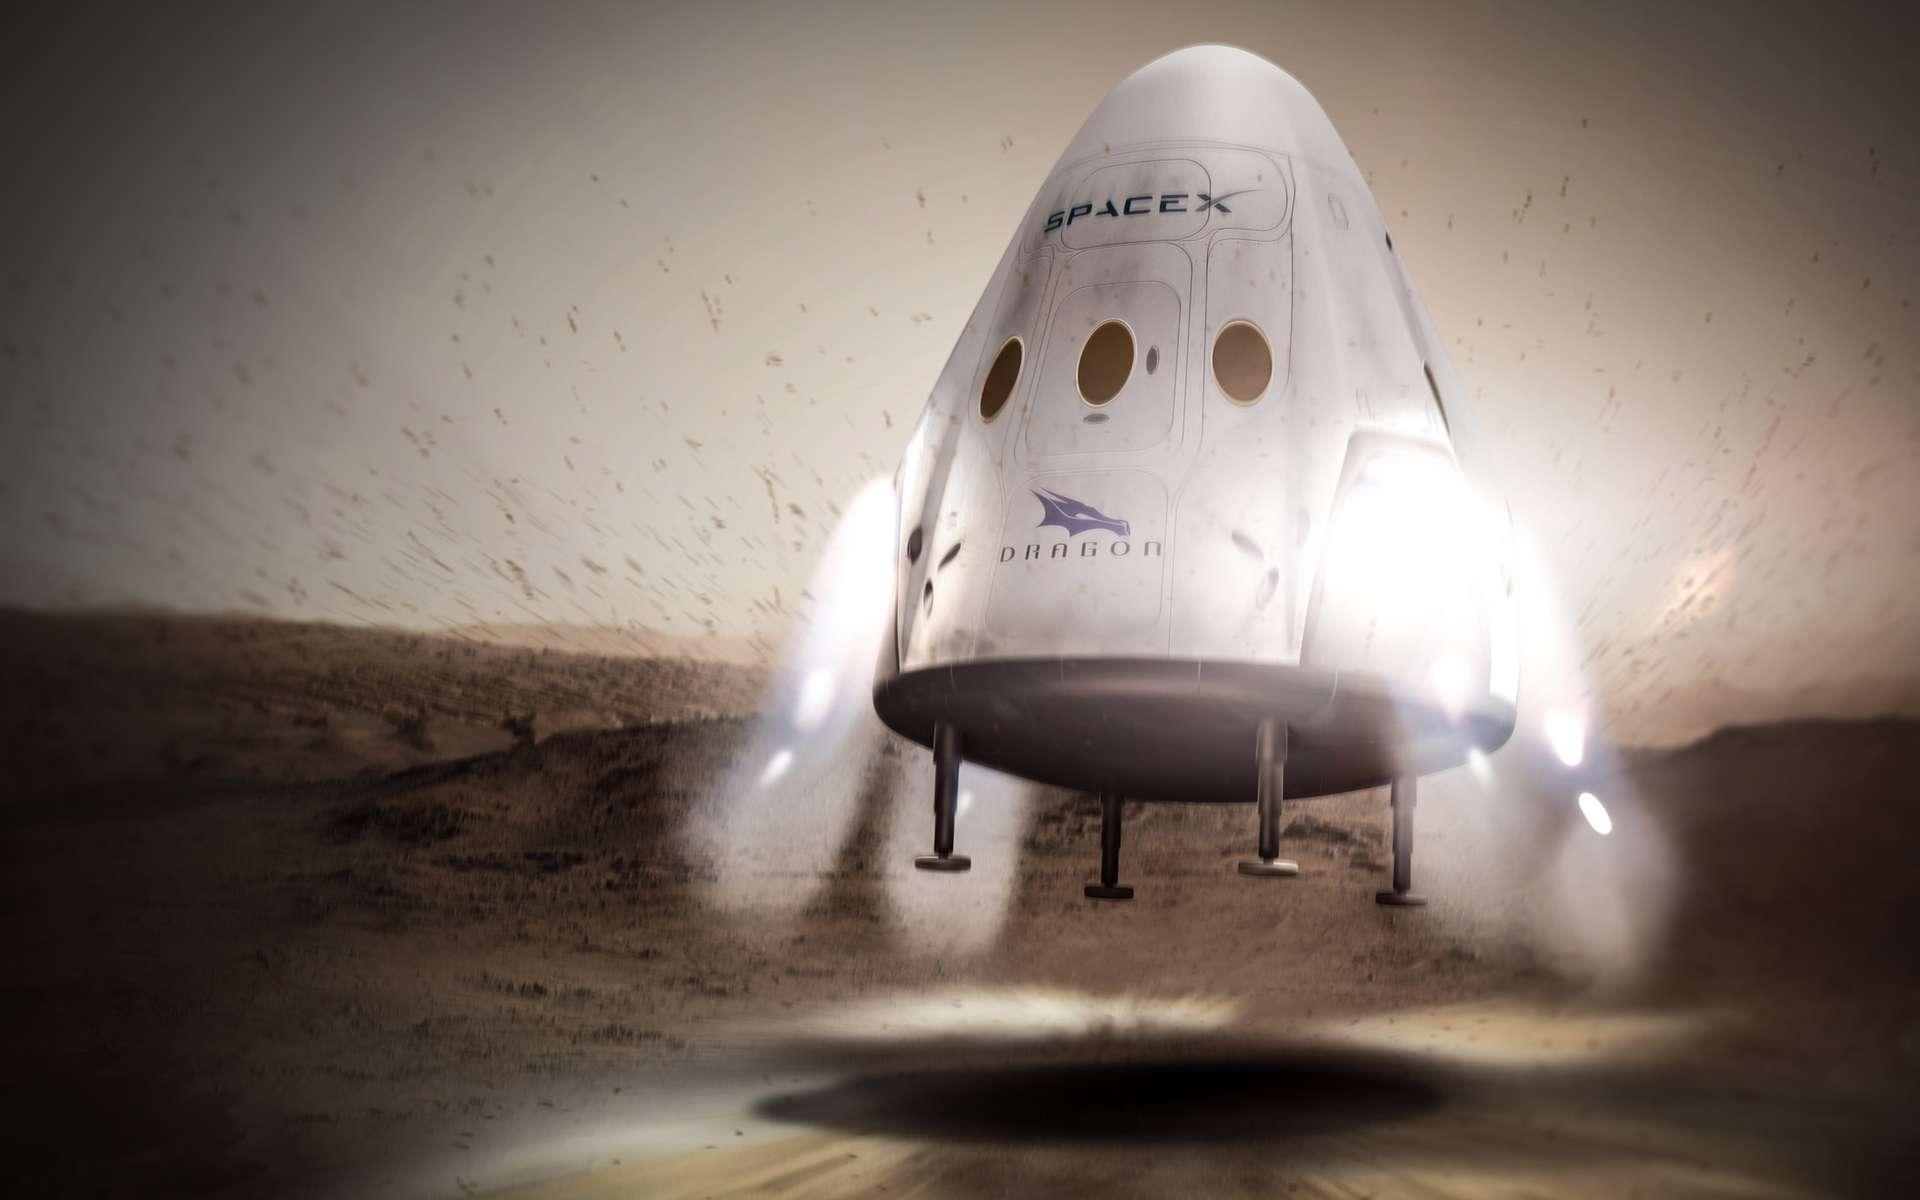 À l'exception de la mission de 2018, la Nasa devrait installer des expériences scientifiques sur les capsules Red Dragon qui, tous les 26 mois, s'envoleront à destination de la Planète rouge. © SpaceX